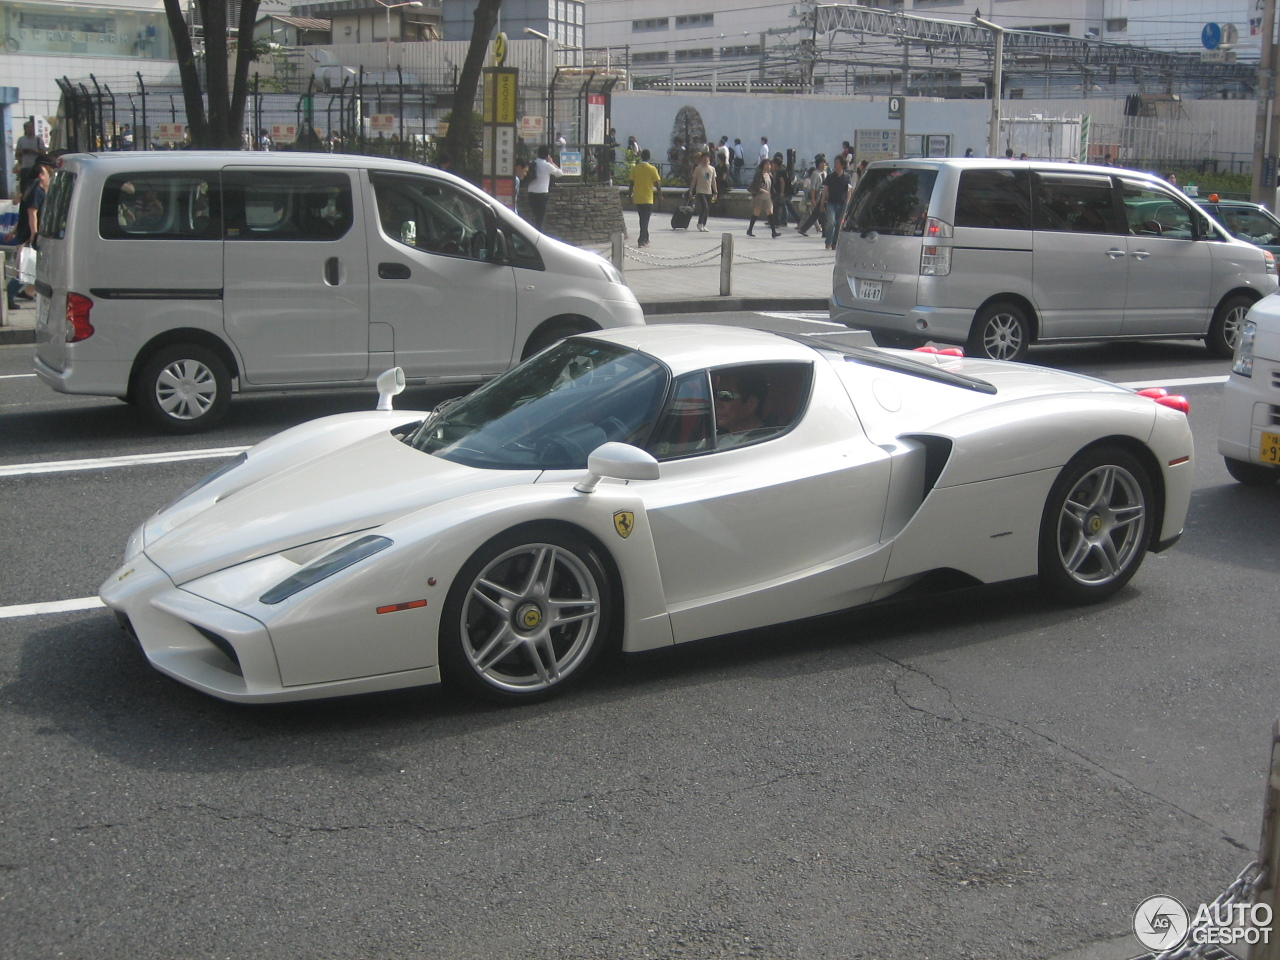 2 i ferrari enzo ferrari 2 - Ferrari Enzo 2013 White